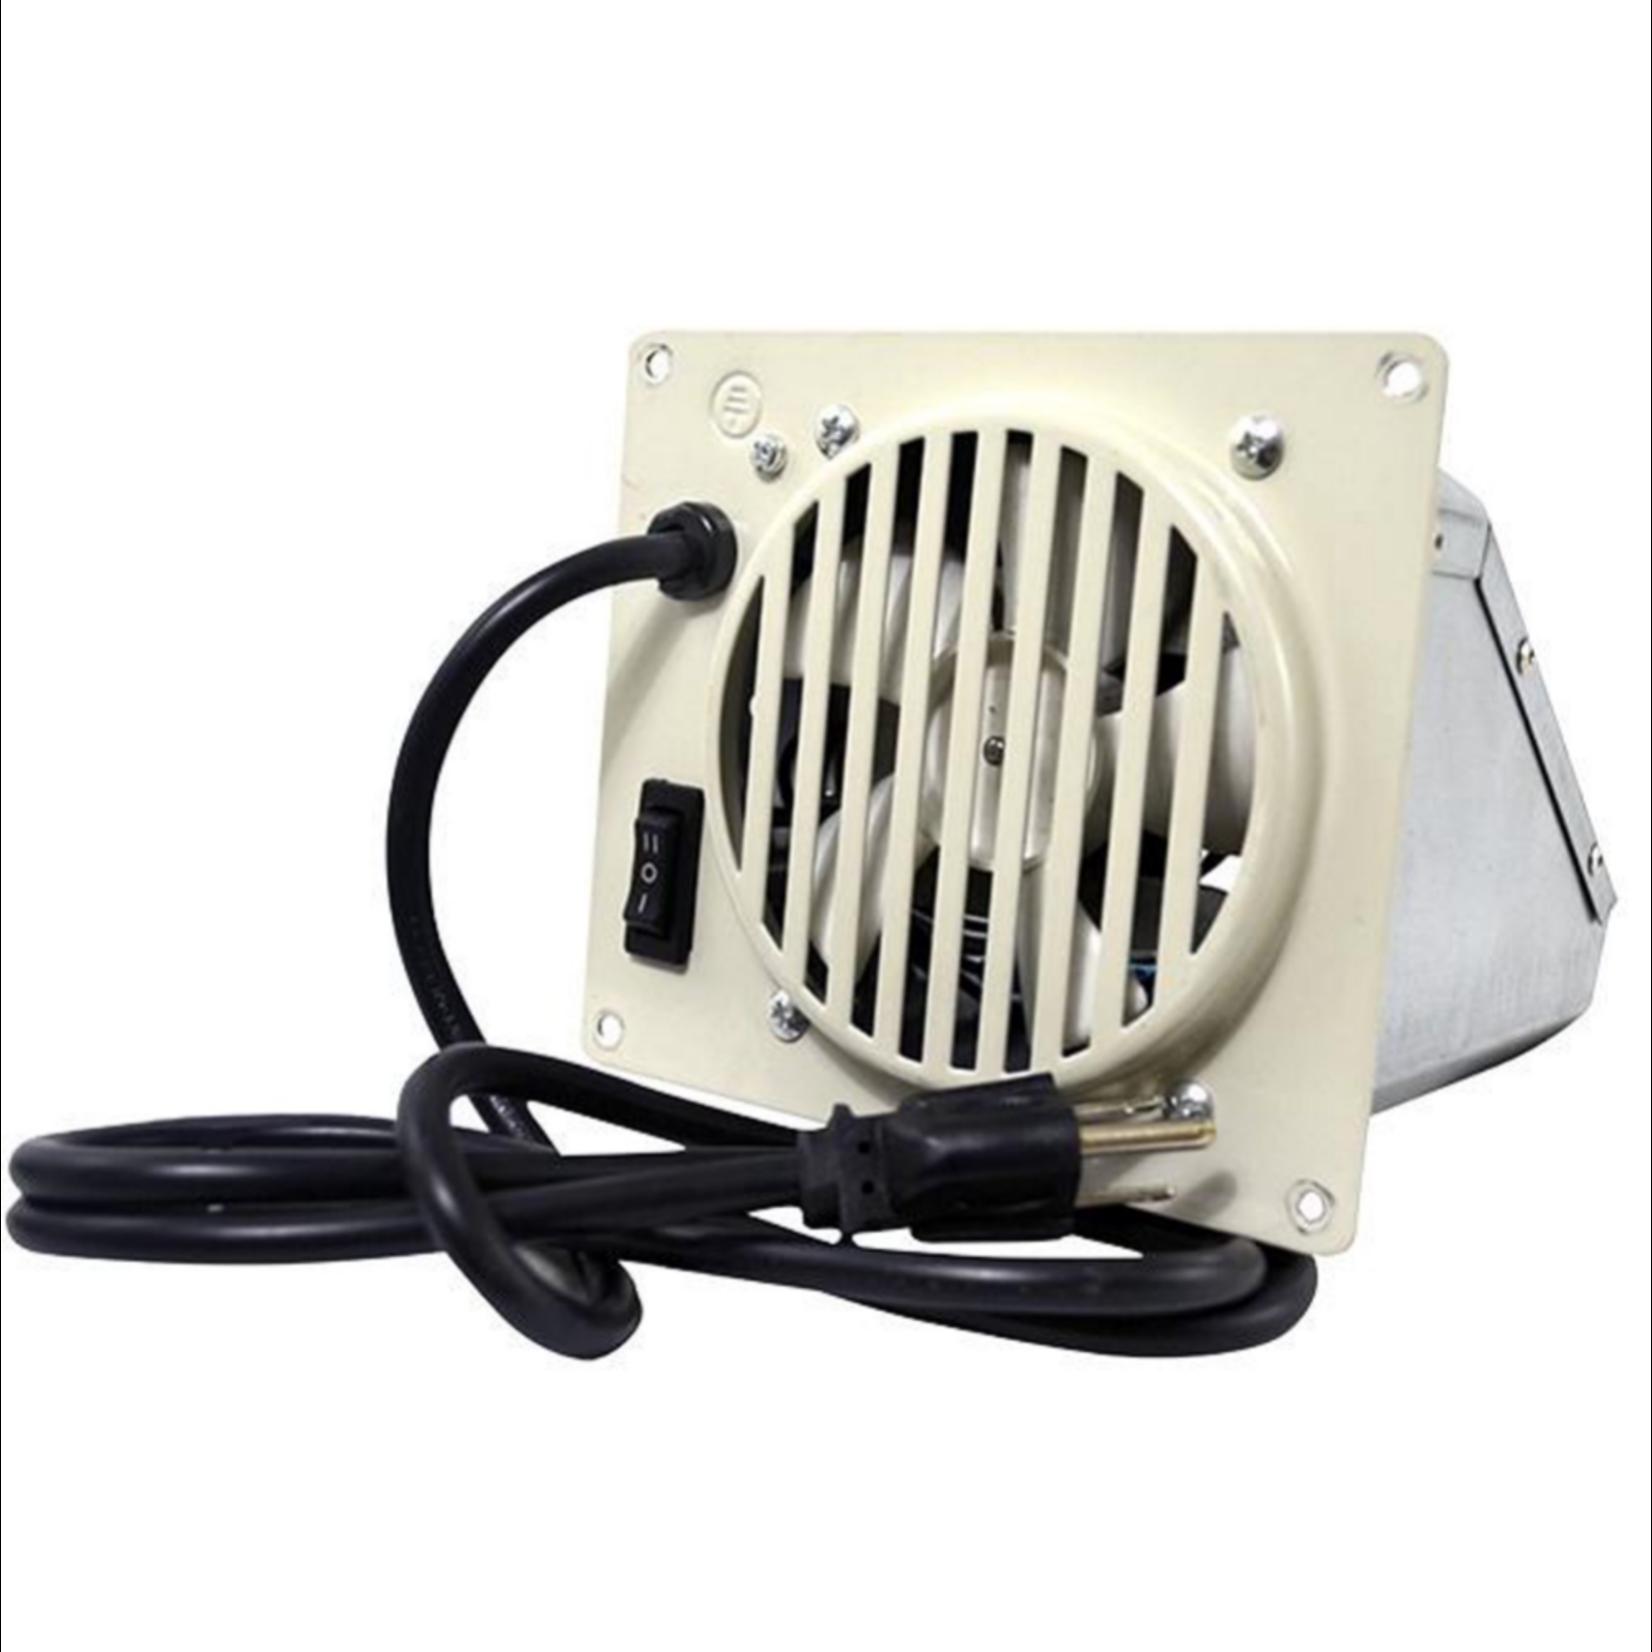 10136 Mr. Heater Vent Free Blower Fan Kit